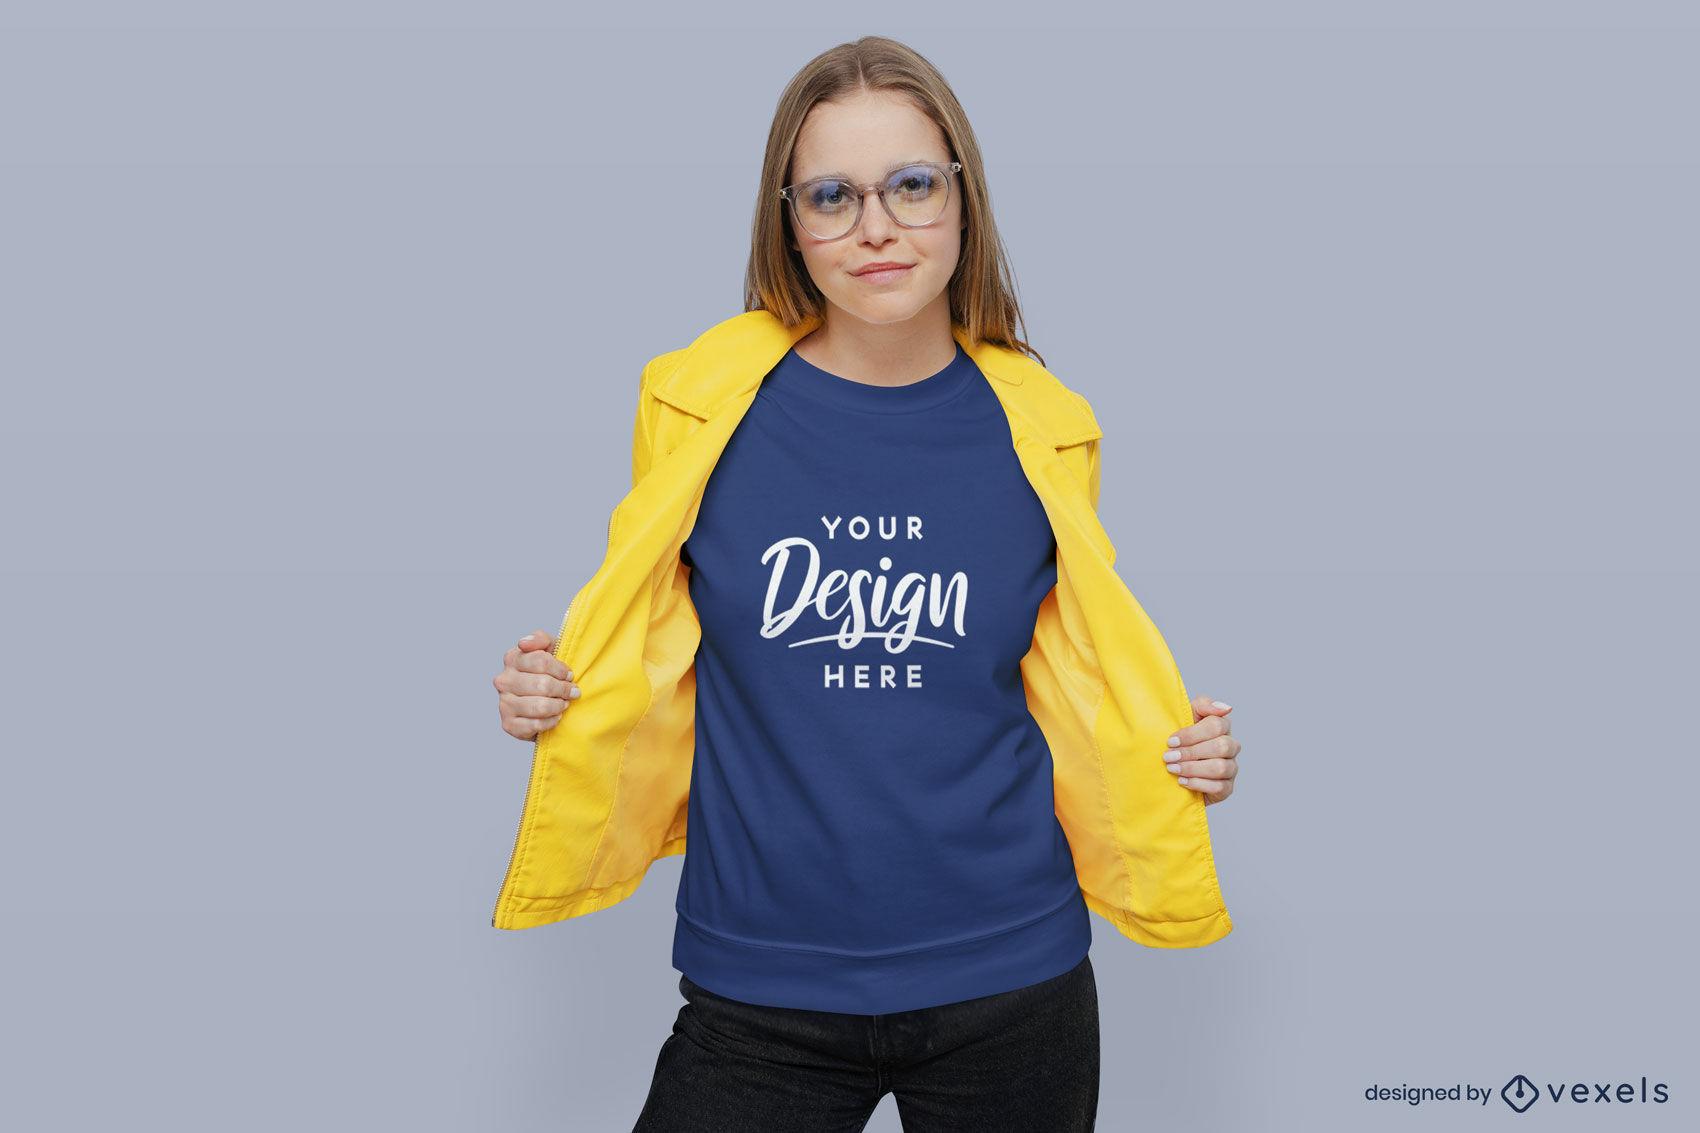 Girl in blue sweatshirt with yellow jacket mockup